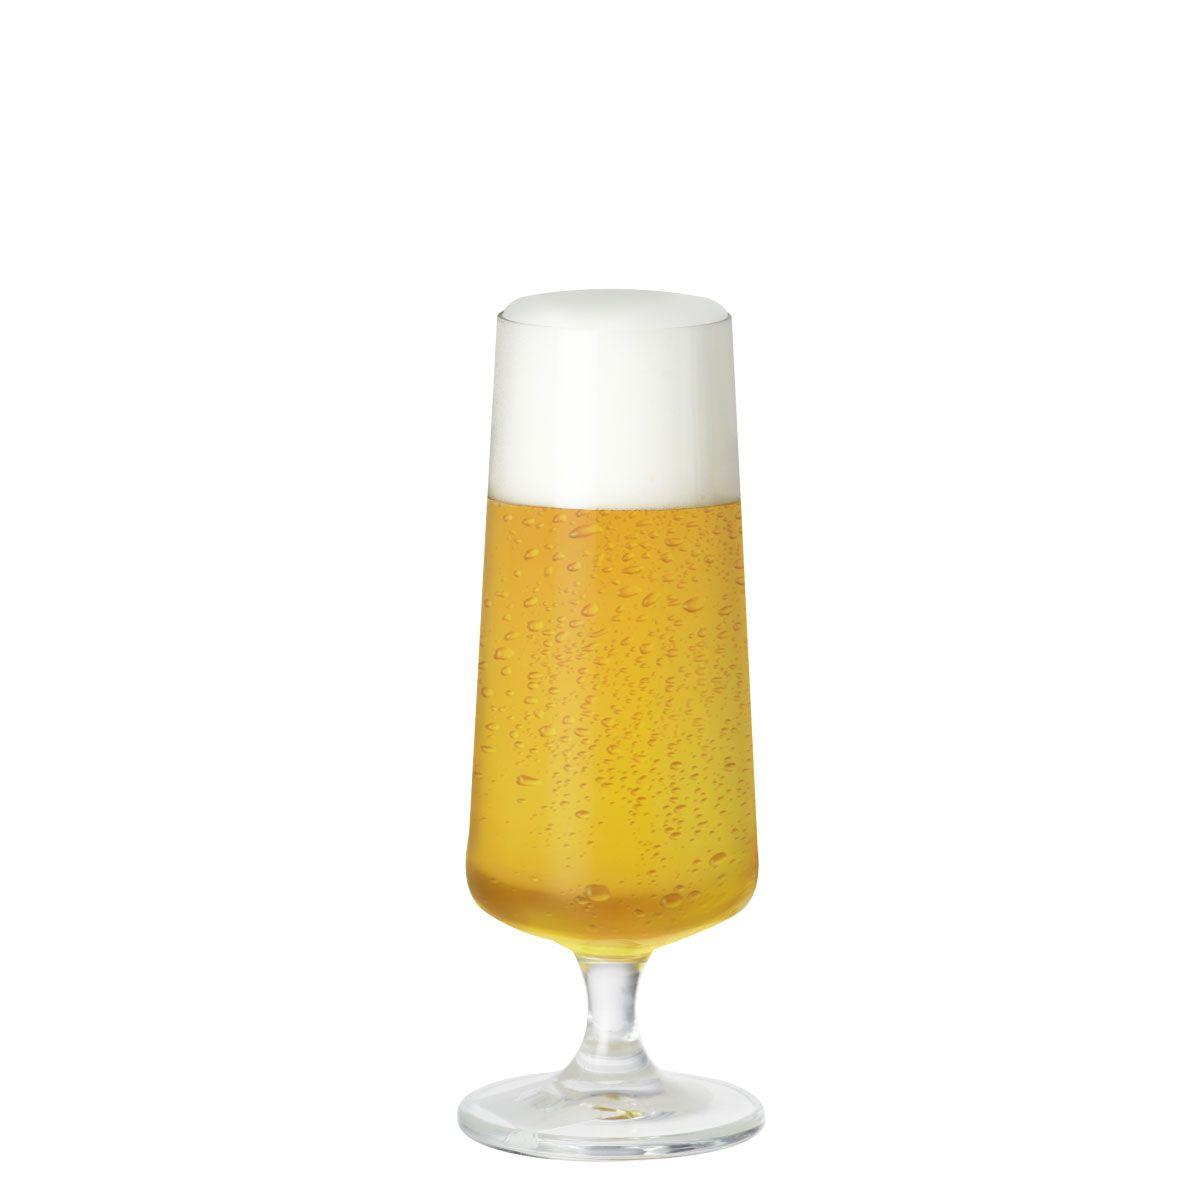 Taça de Cristal para Cerveja Mini Leed 185ml